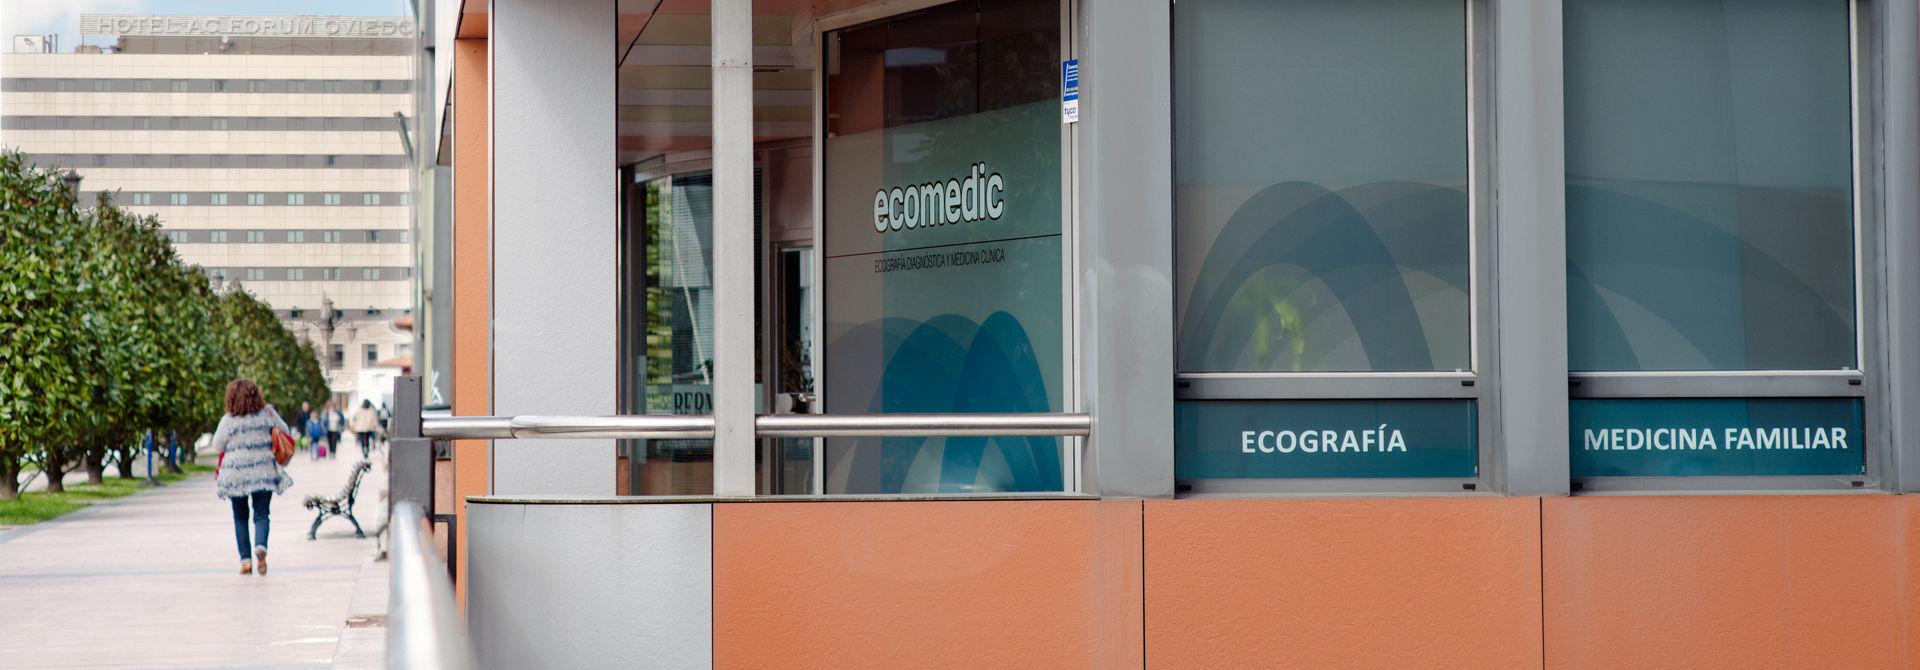 Ecomedic Oviedo - Ecografía, escáner dental